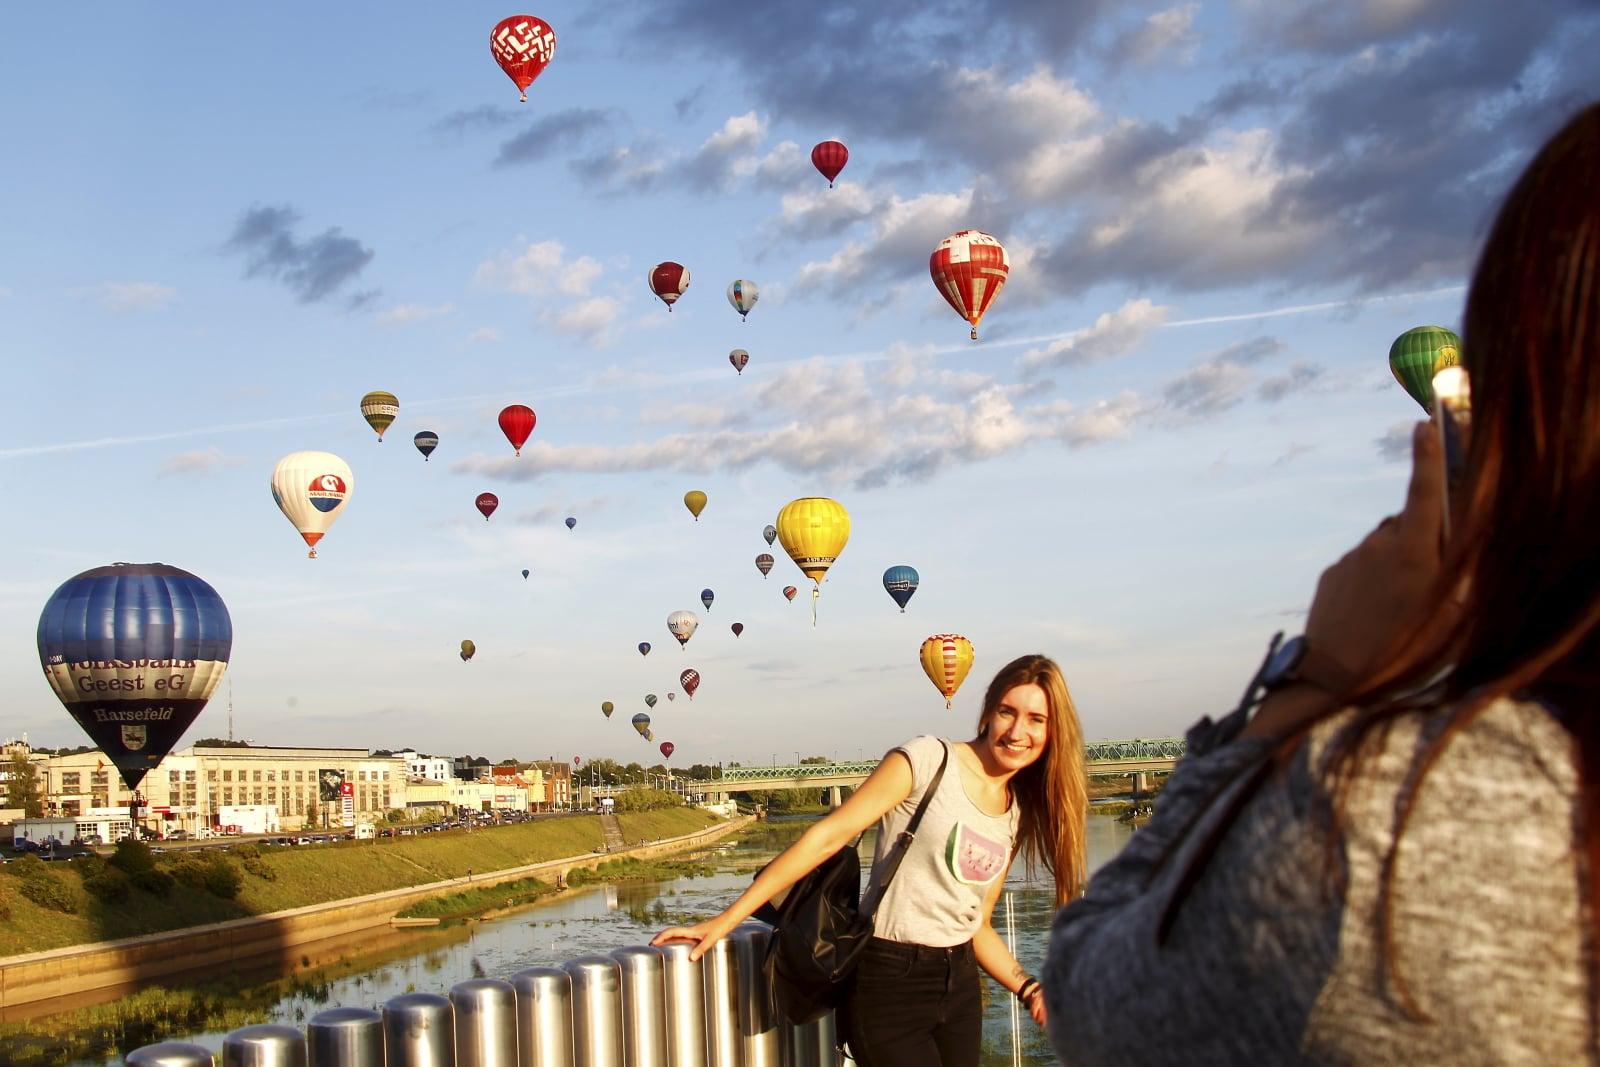 Balonowa fiesta w Kaunas na Litwie. Fot. PAP/EPA/TOMS KALNINS